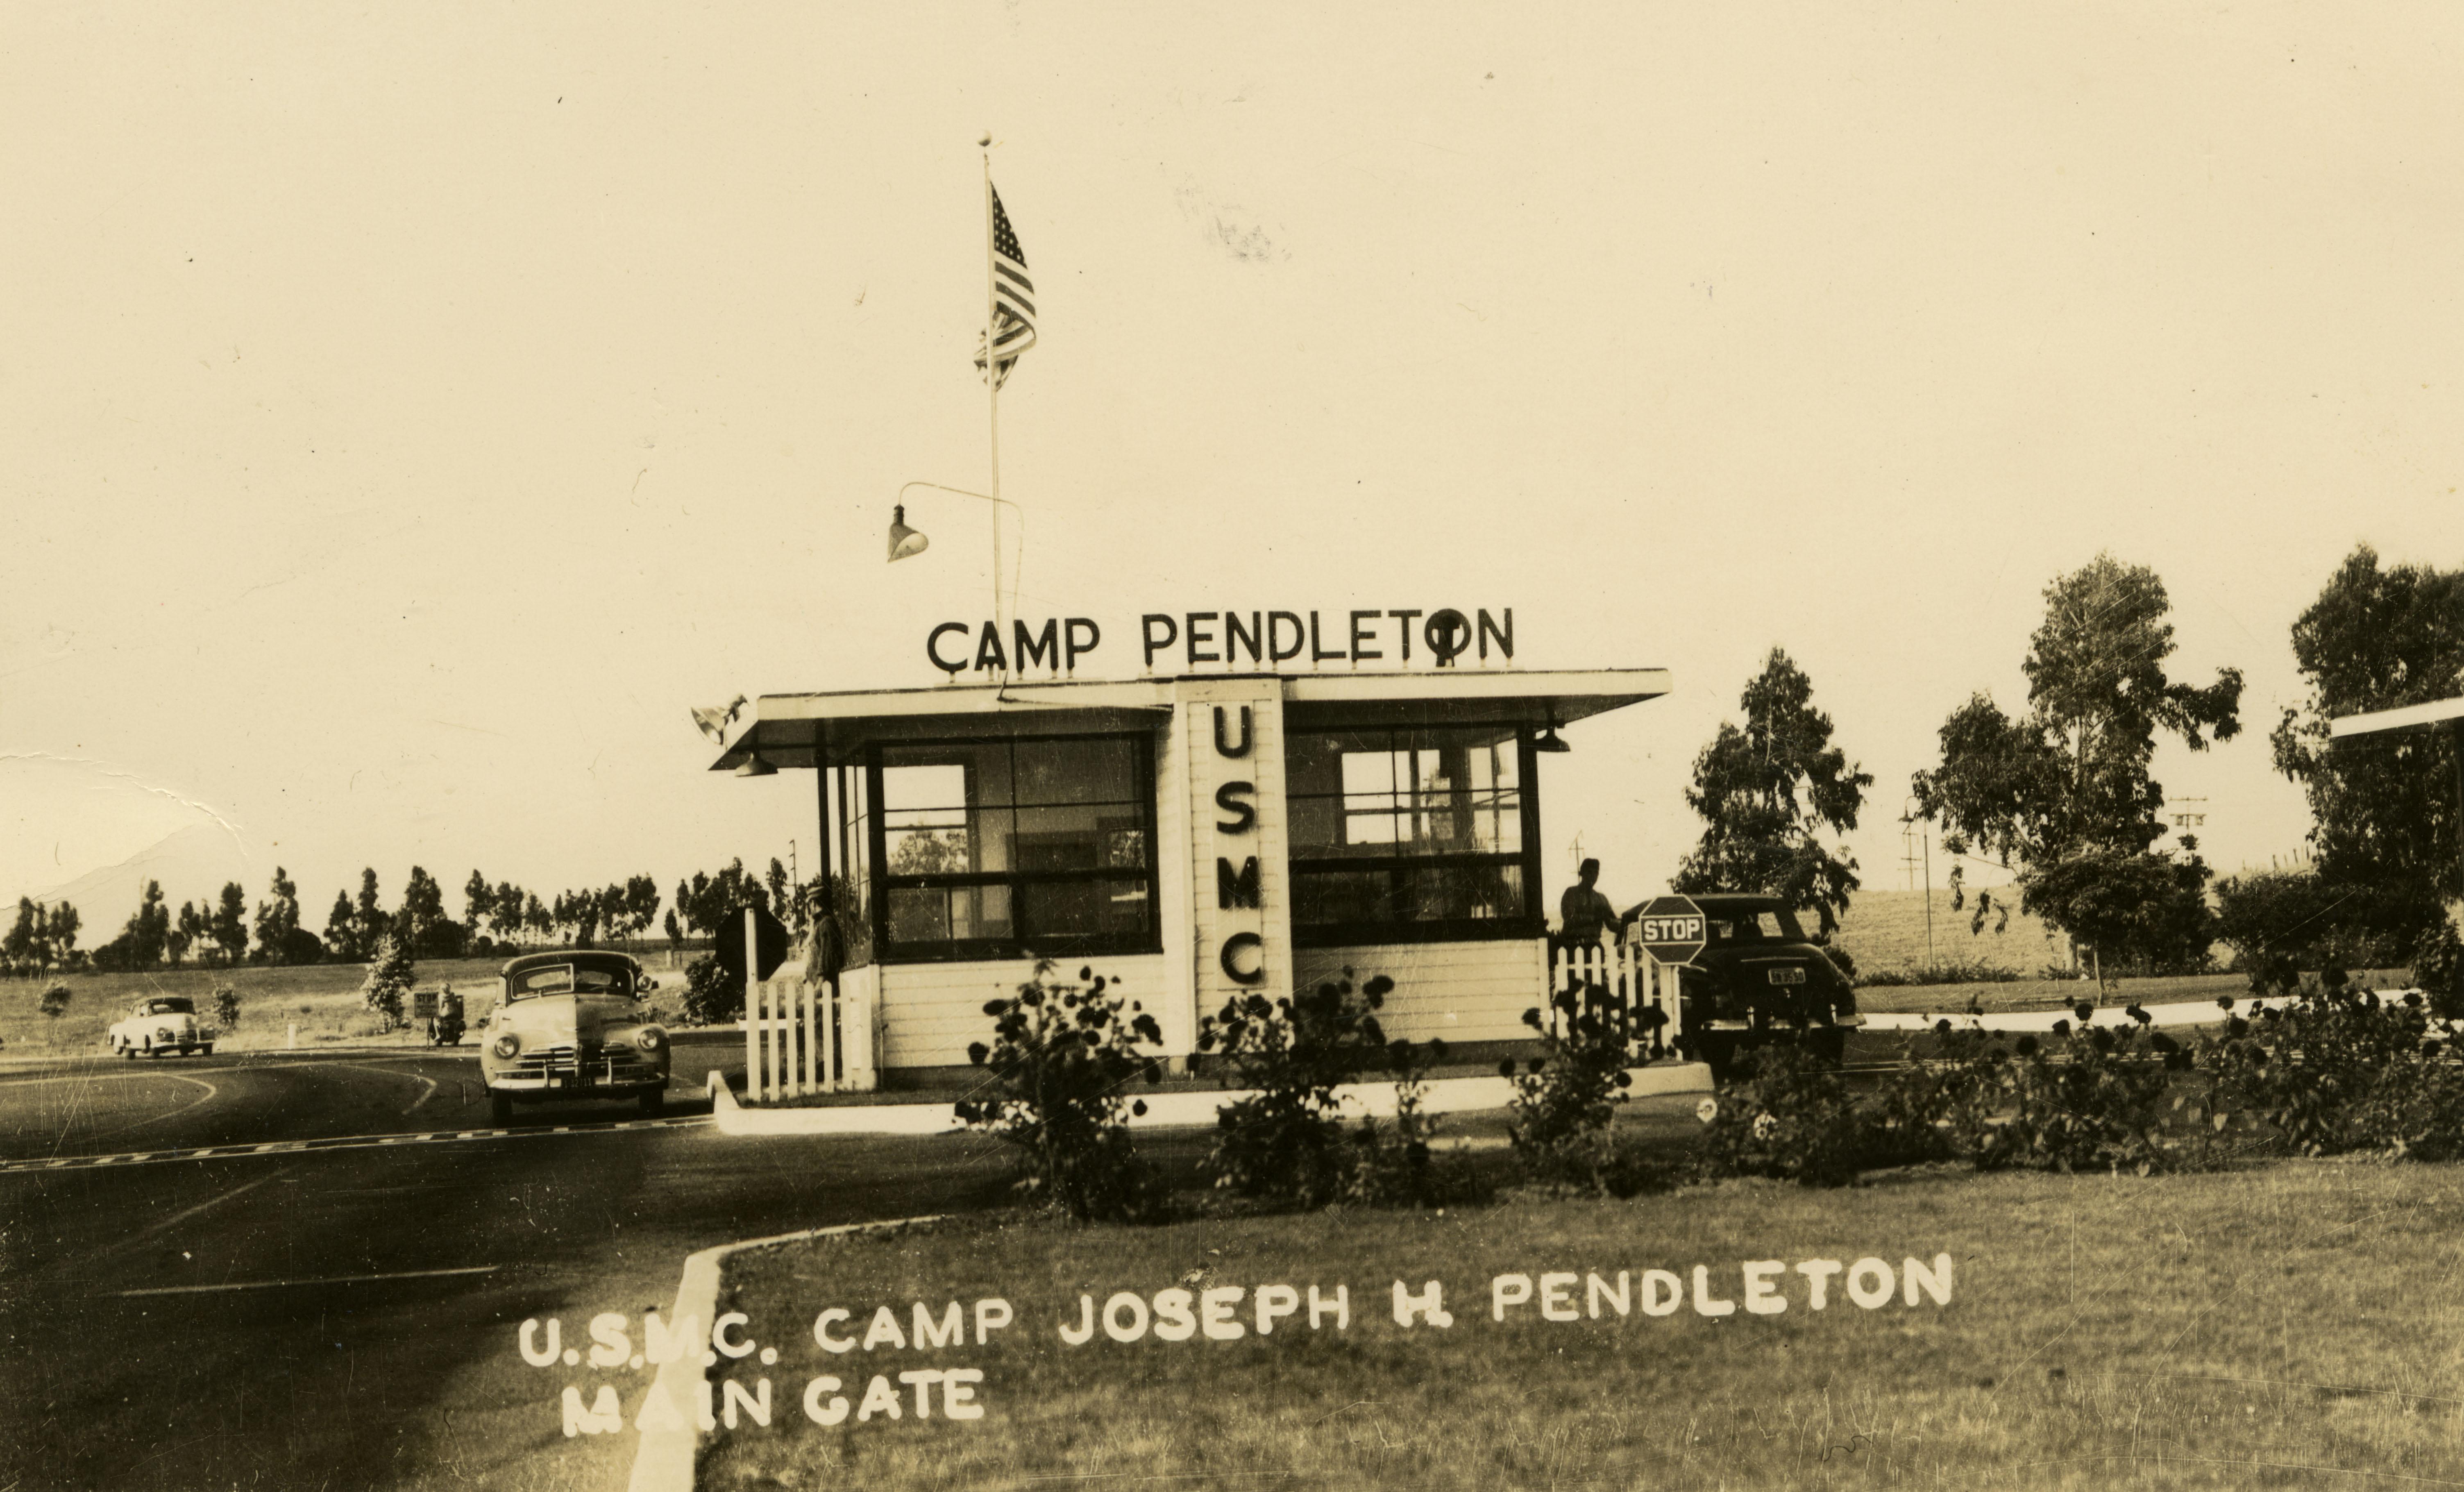 camp pendleton celebrates 75 years  u0026gt  marine corps base